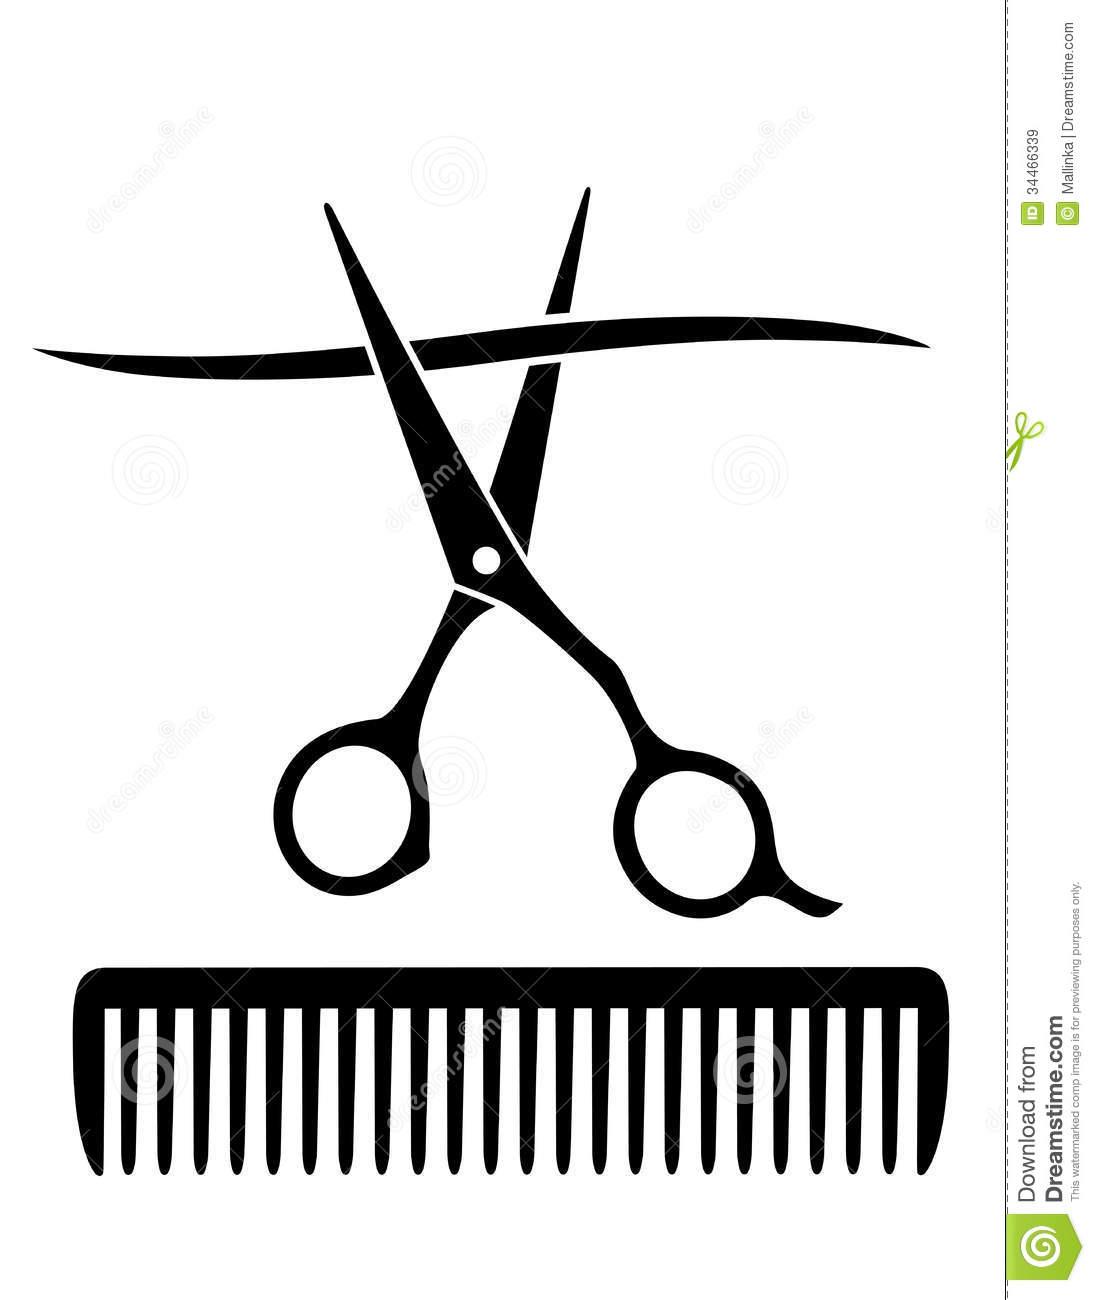 1095x1300 Hair Cutting Scissors Clip Art